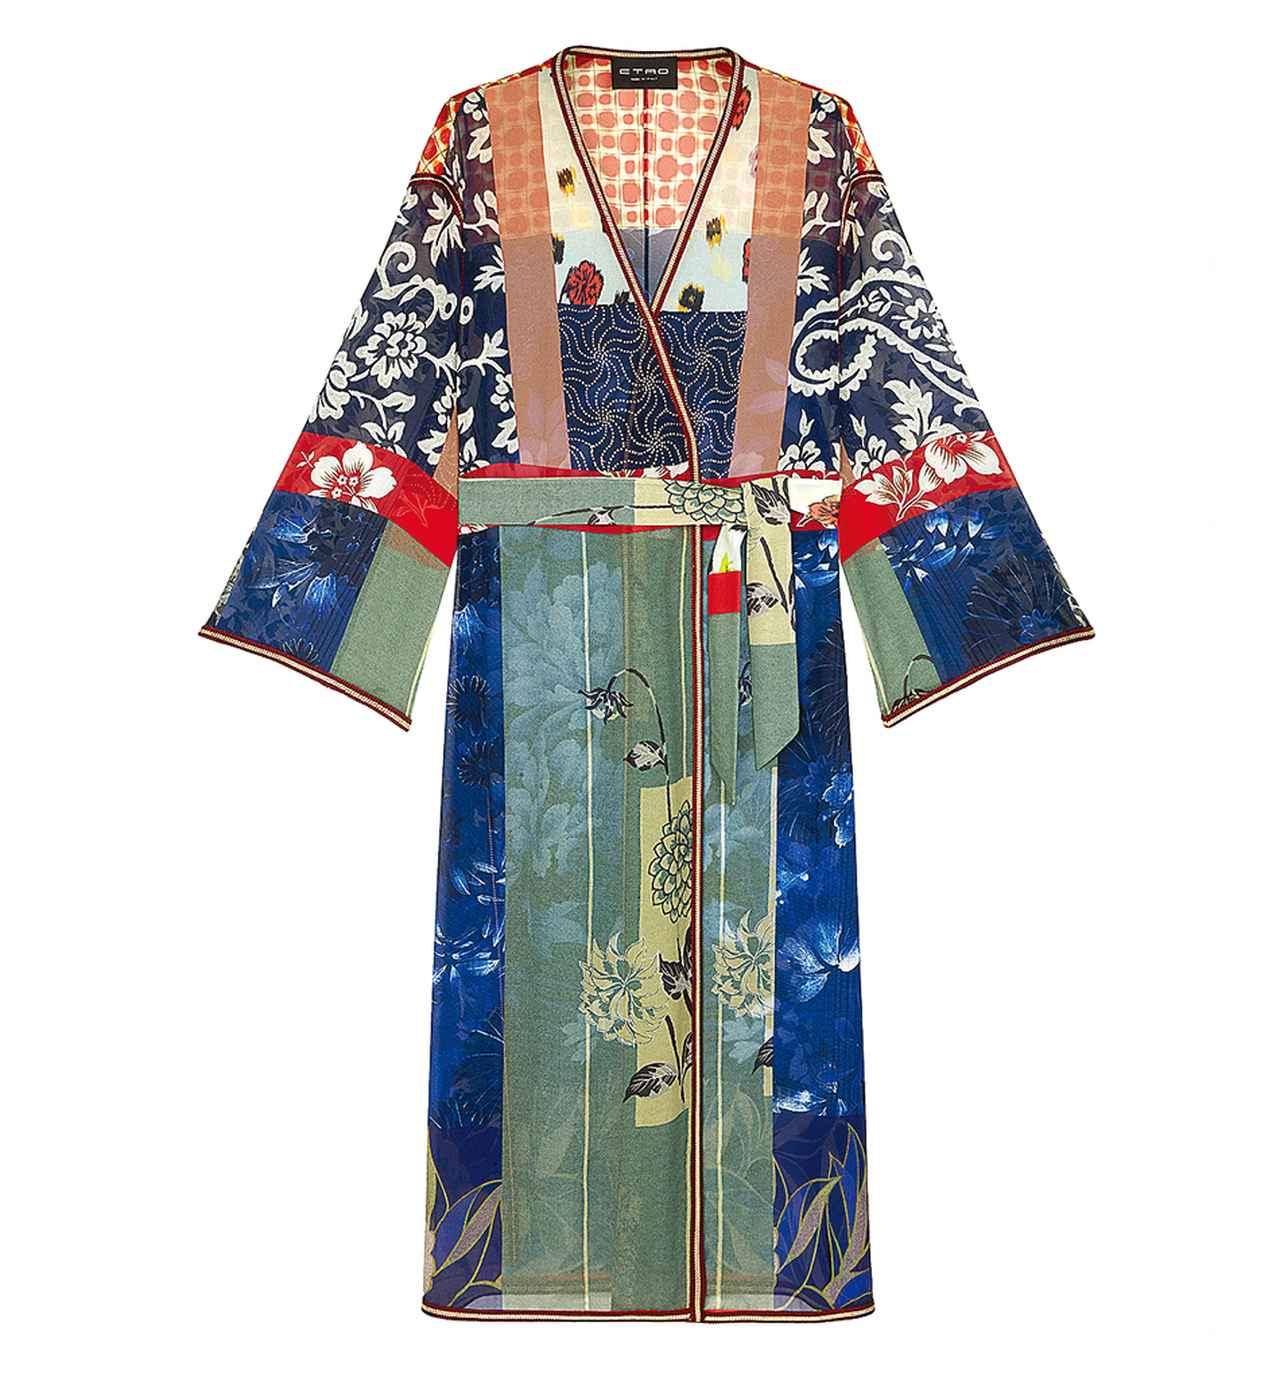 Images : 5番目の画像 - 「ヴェロニカ・エトロの 世界を織りなす さまざまな要素」のアルバム - T JAPAN:The New York Times Style Magazine 公式サイト